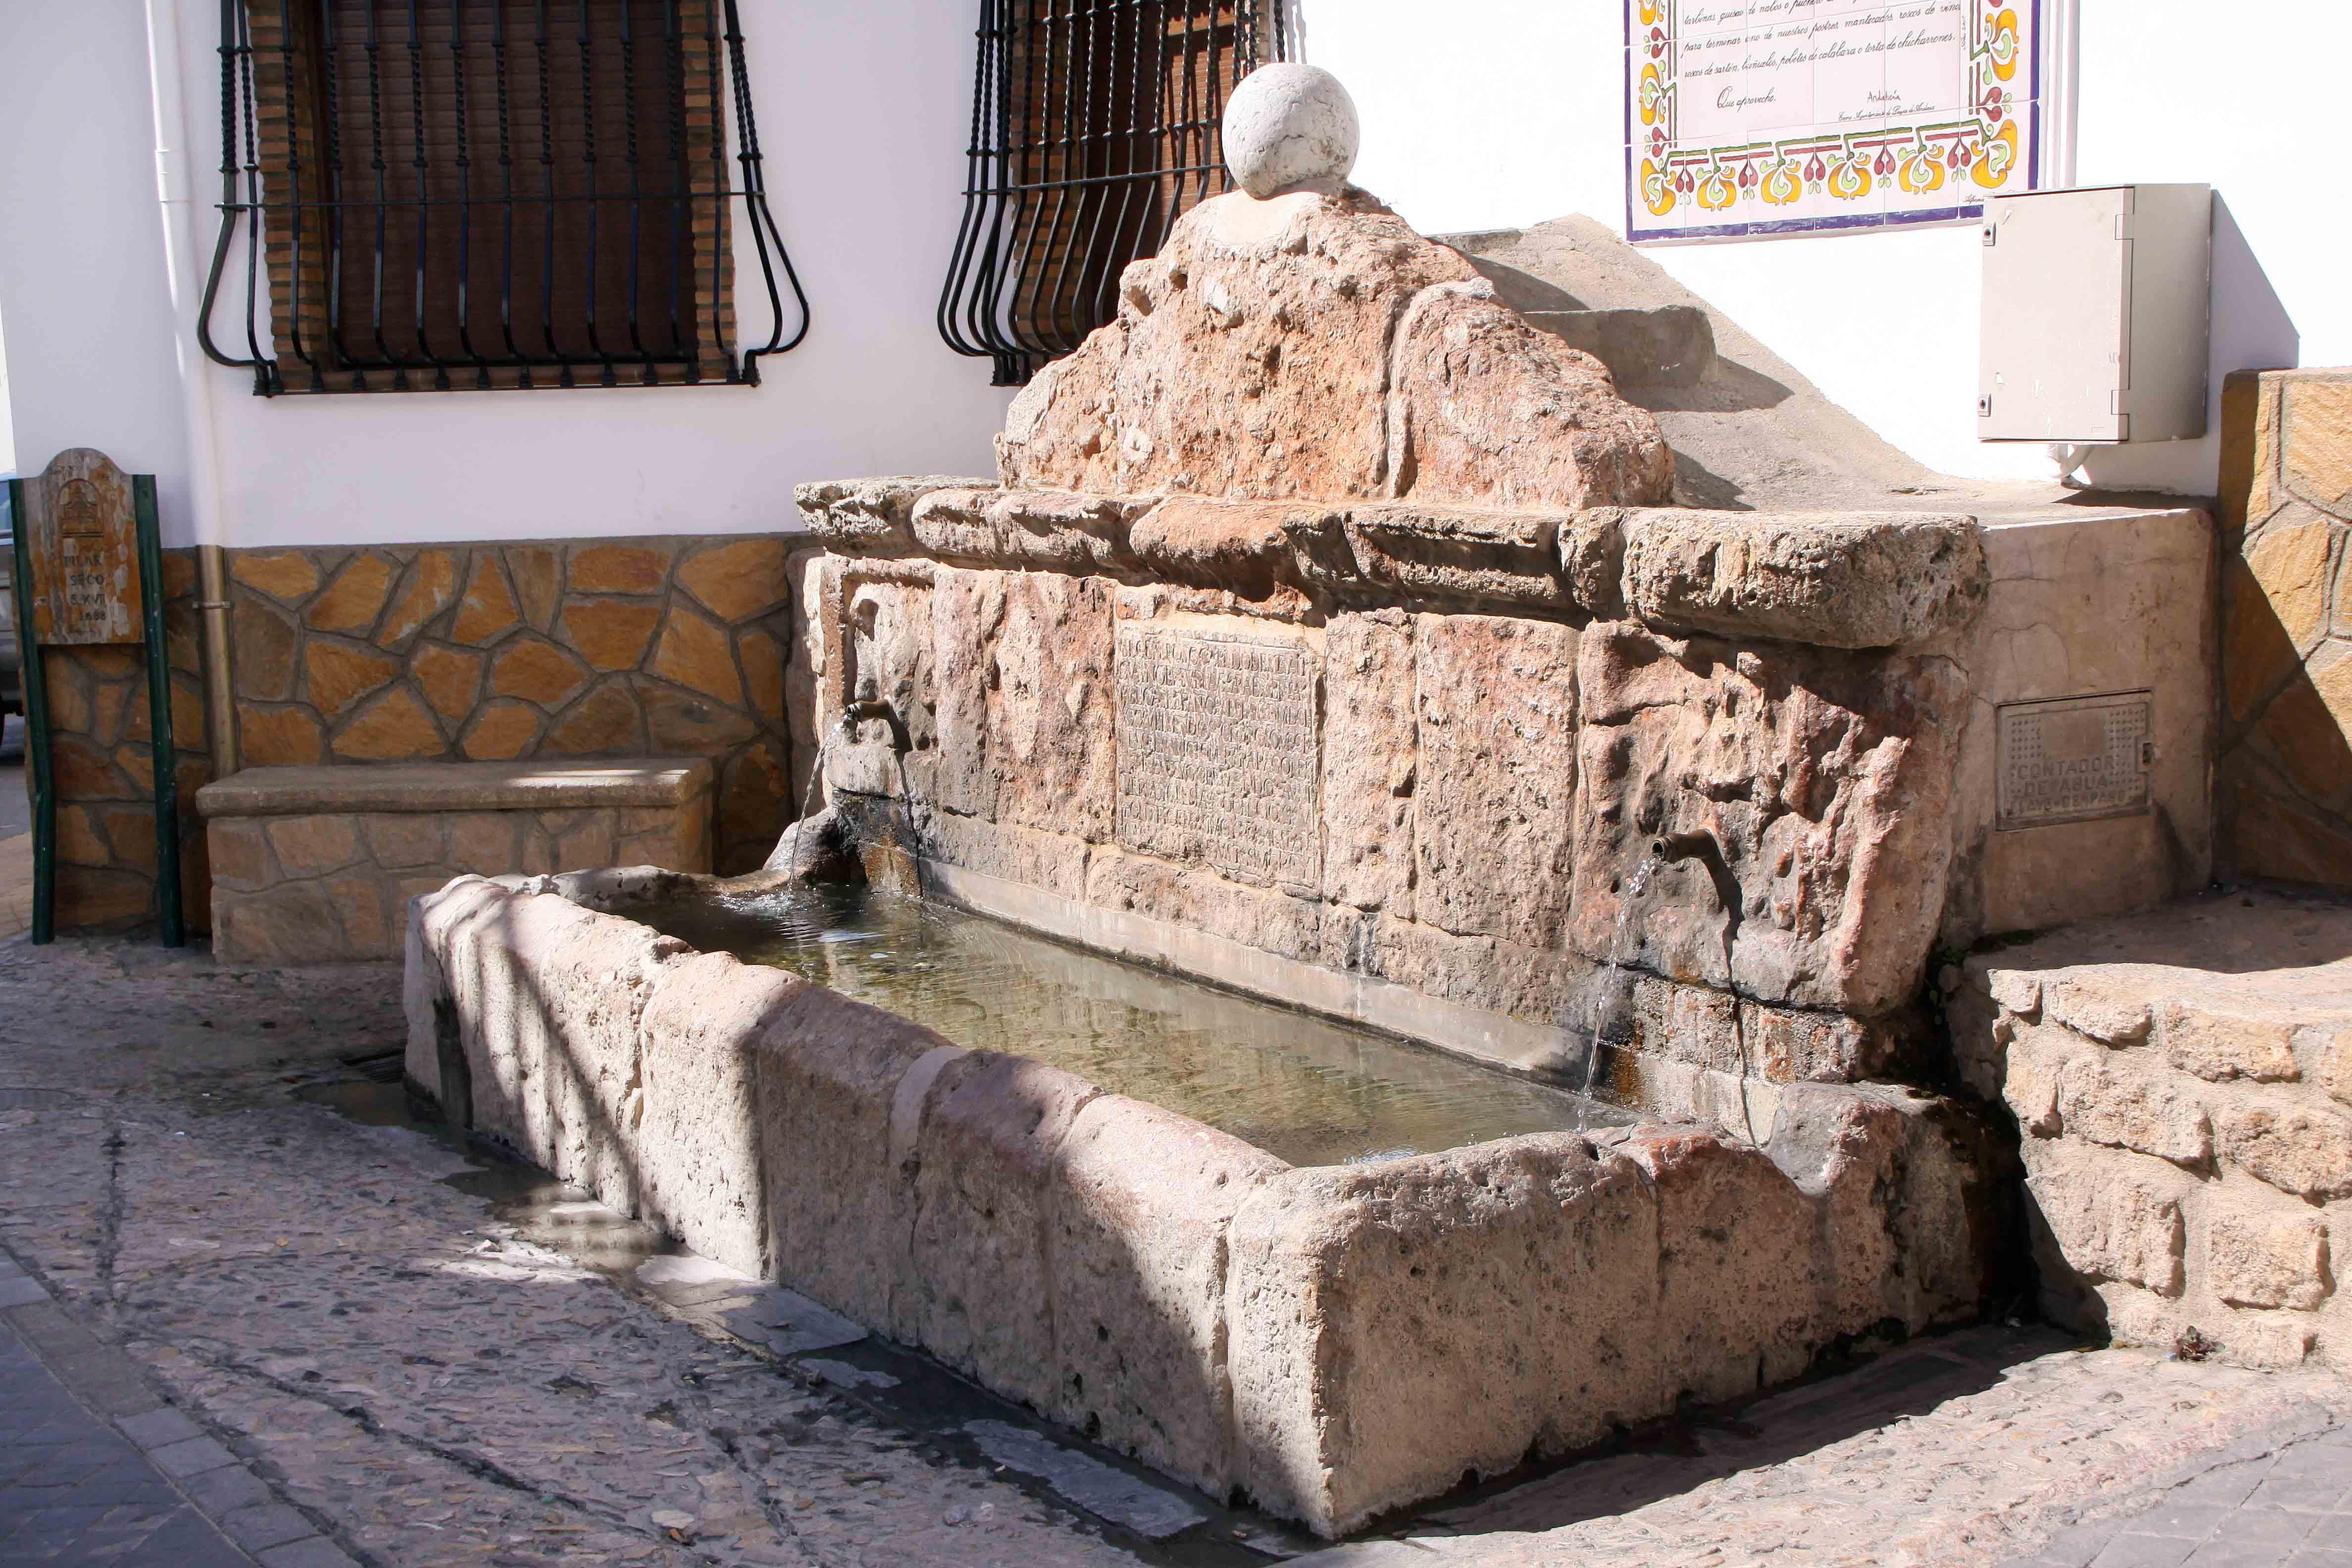 Pilar Seco en Laujar de Andarax. Las fuentes y el agua como recuerdo hispanomusulmán de una cultura que mima el agua. © Fotografía: Pako Manzano